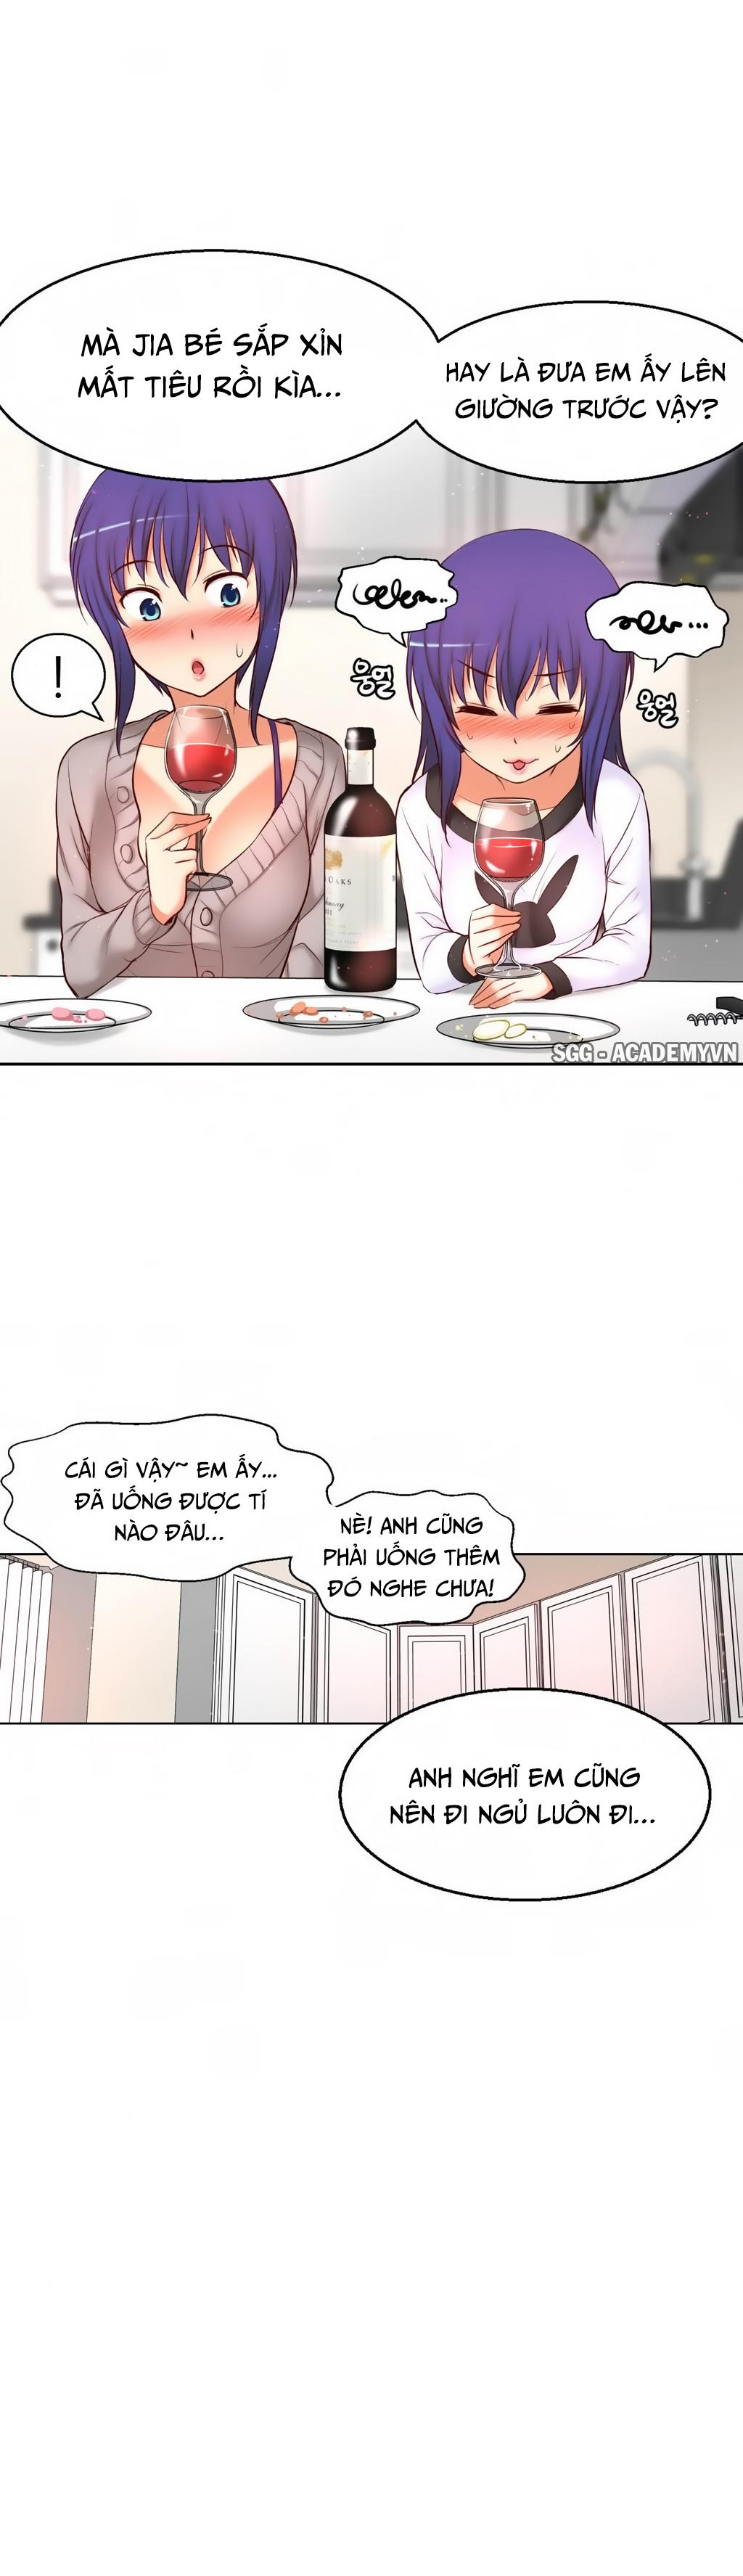 Hình ảnh h025 in [Siêu phẩm Hentai] Little Girl Full